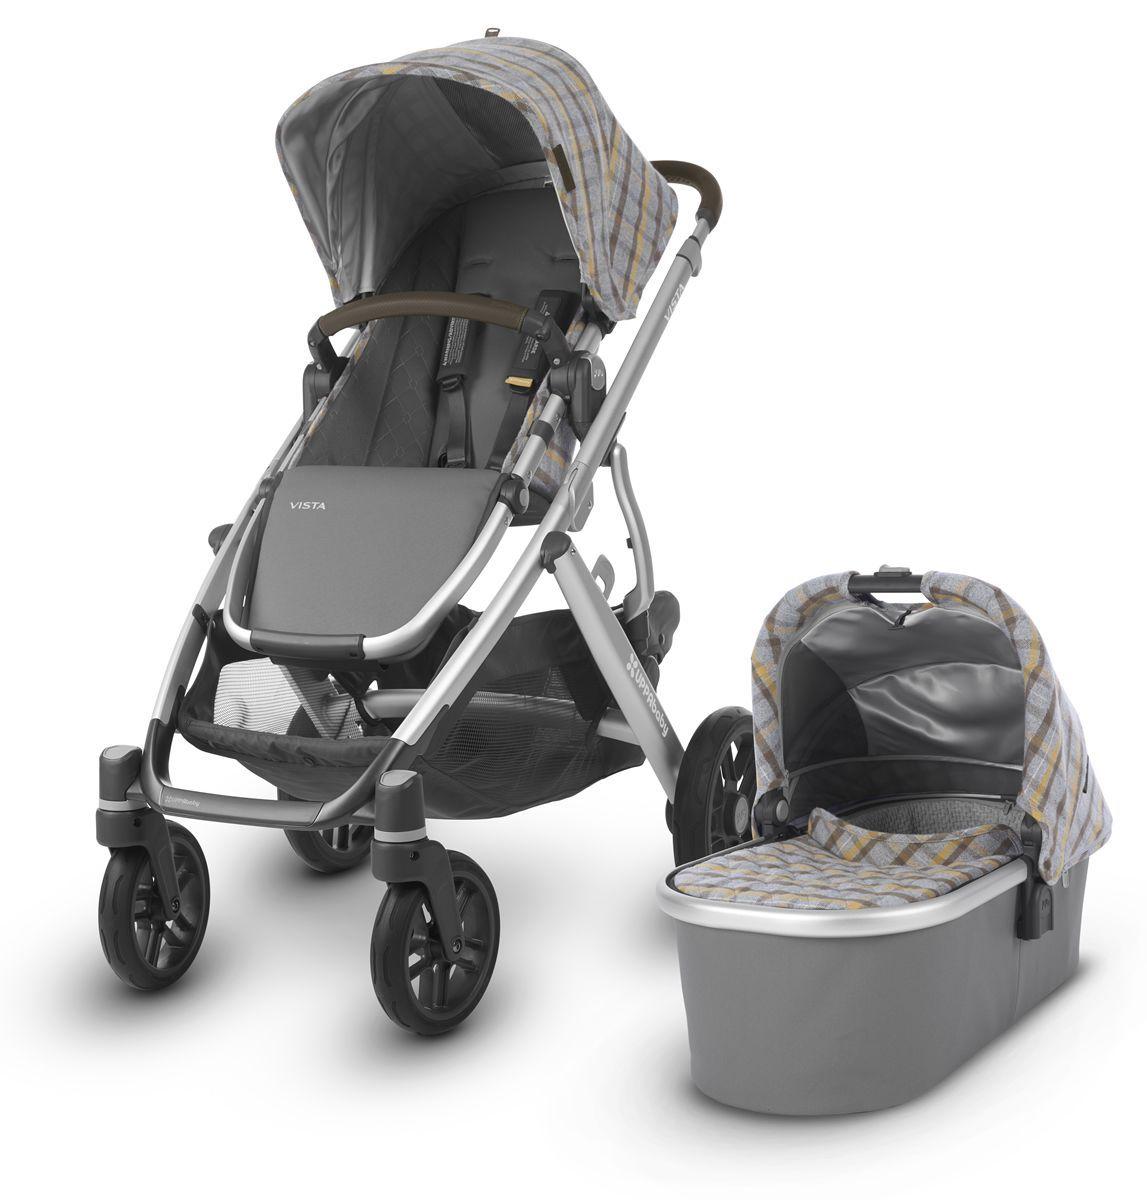 Vista Vista stroller, Convertible stroller, Baby car seats